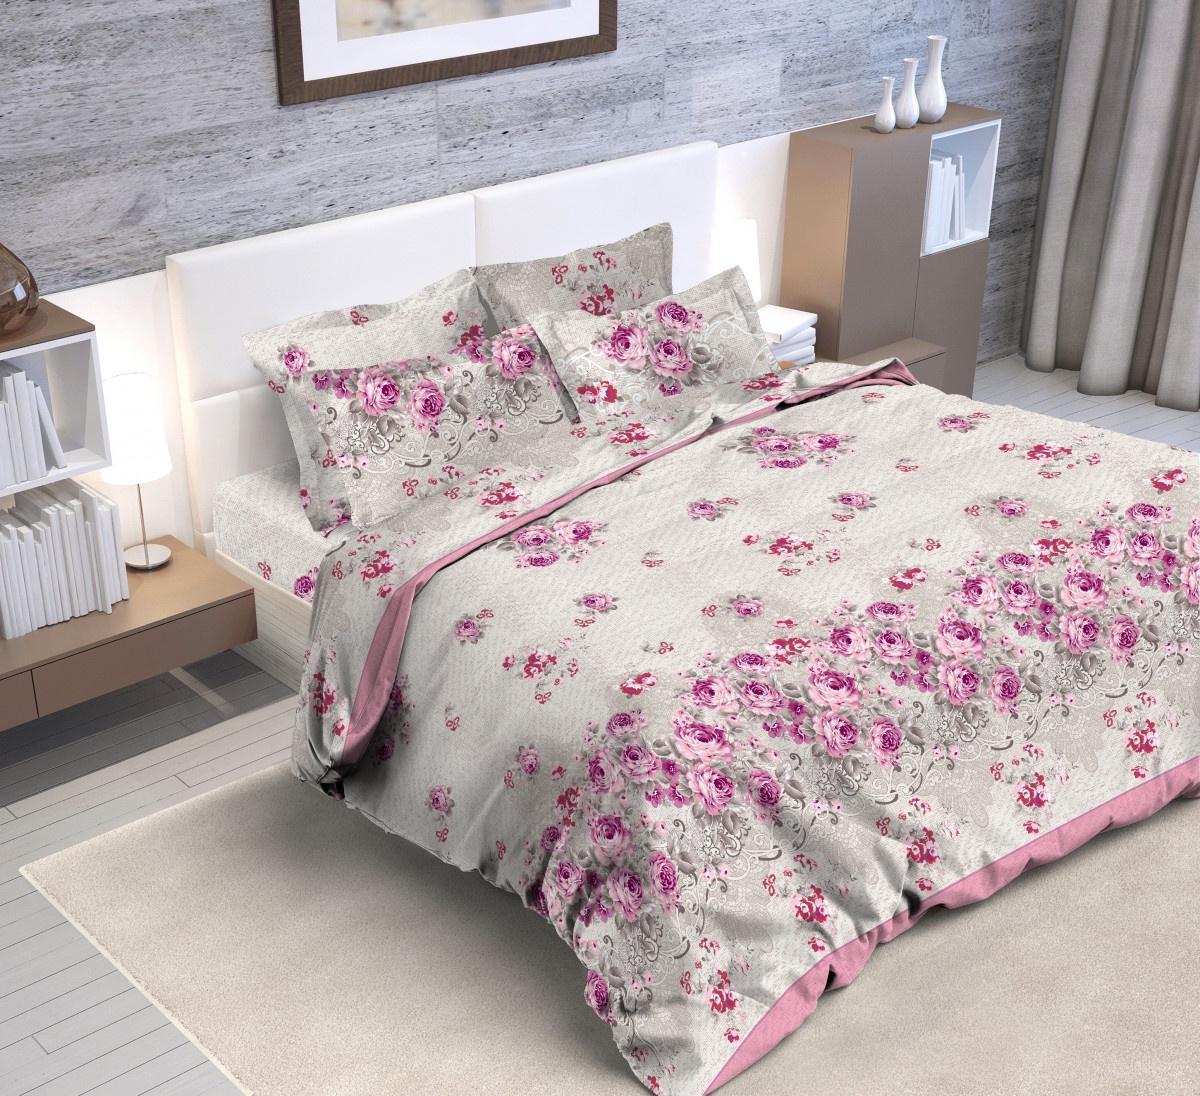 Комплект постельного белья BUTTERFLY поплин (ПК1) рис.7845/2, 1,5-спальный